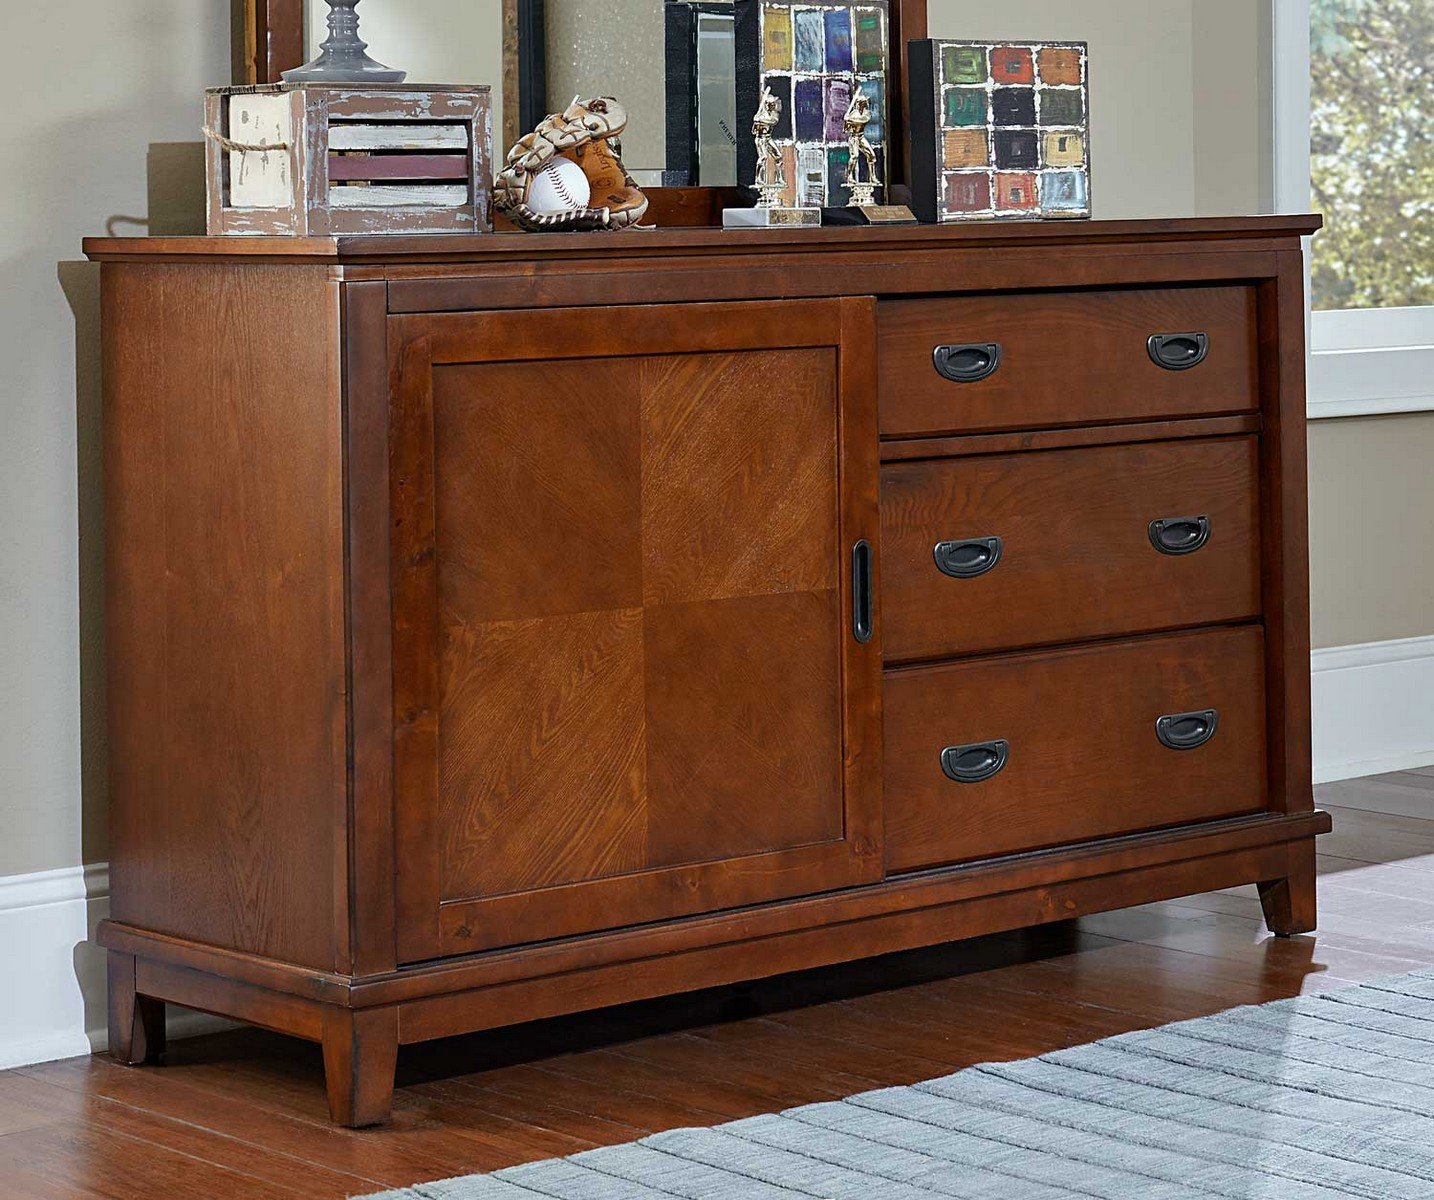 Hillsdale Bailey Dresser - Mission Oak